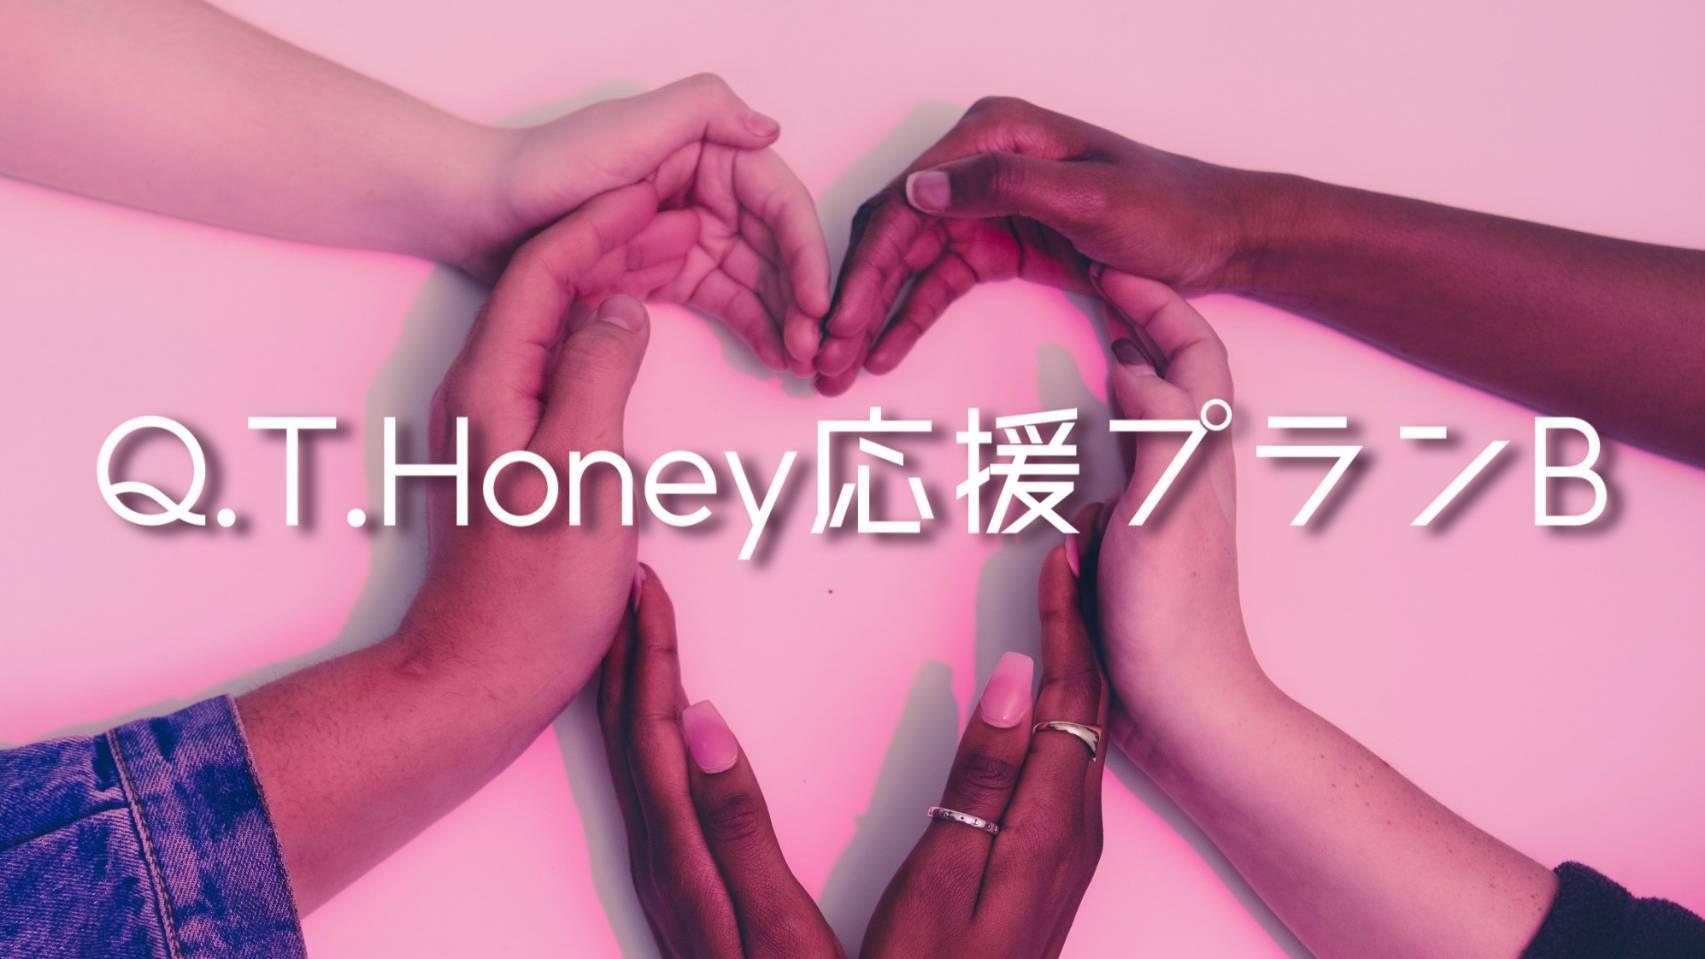 Q.T.Honey 応援プランB